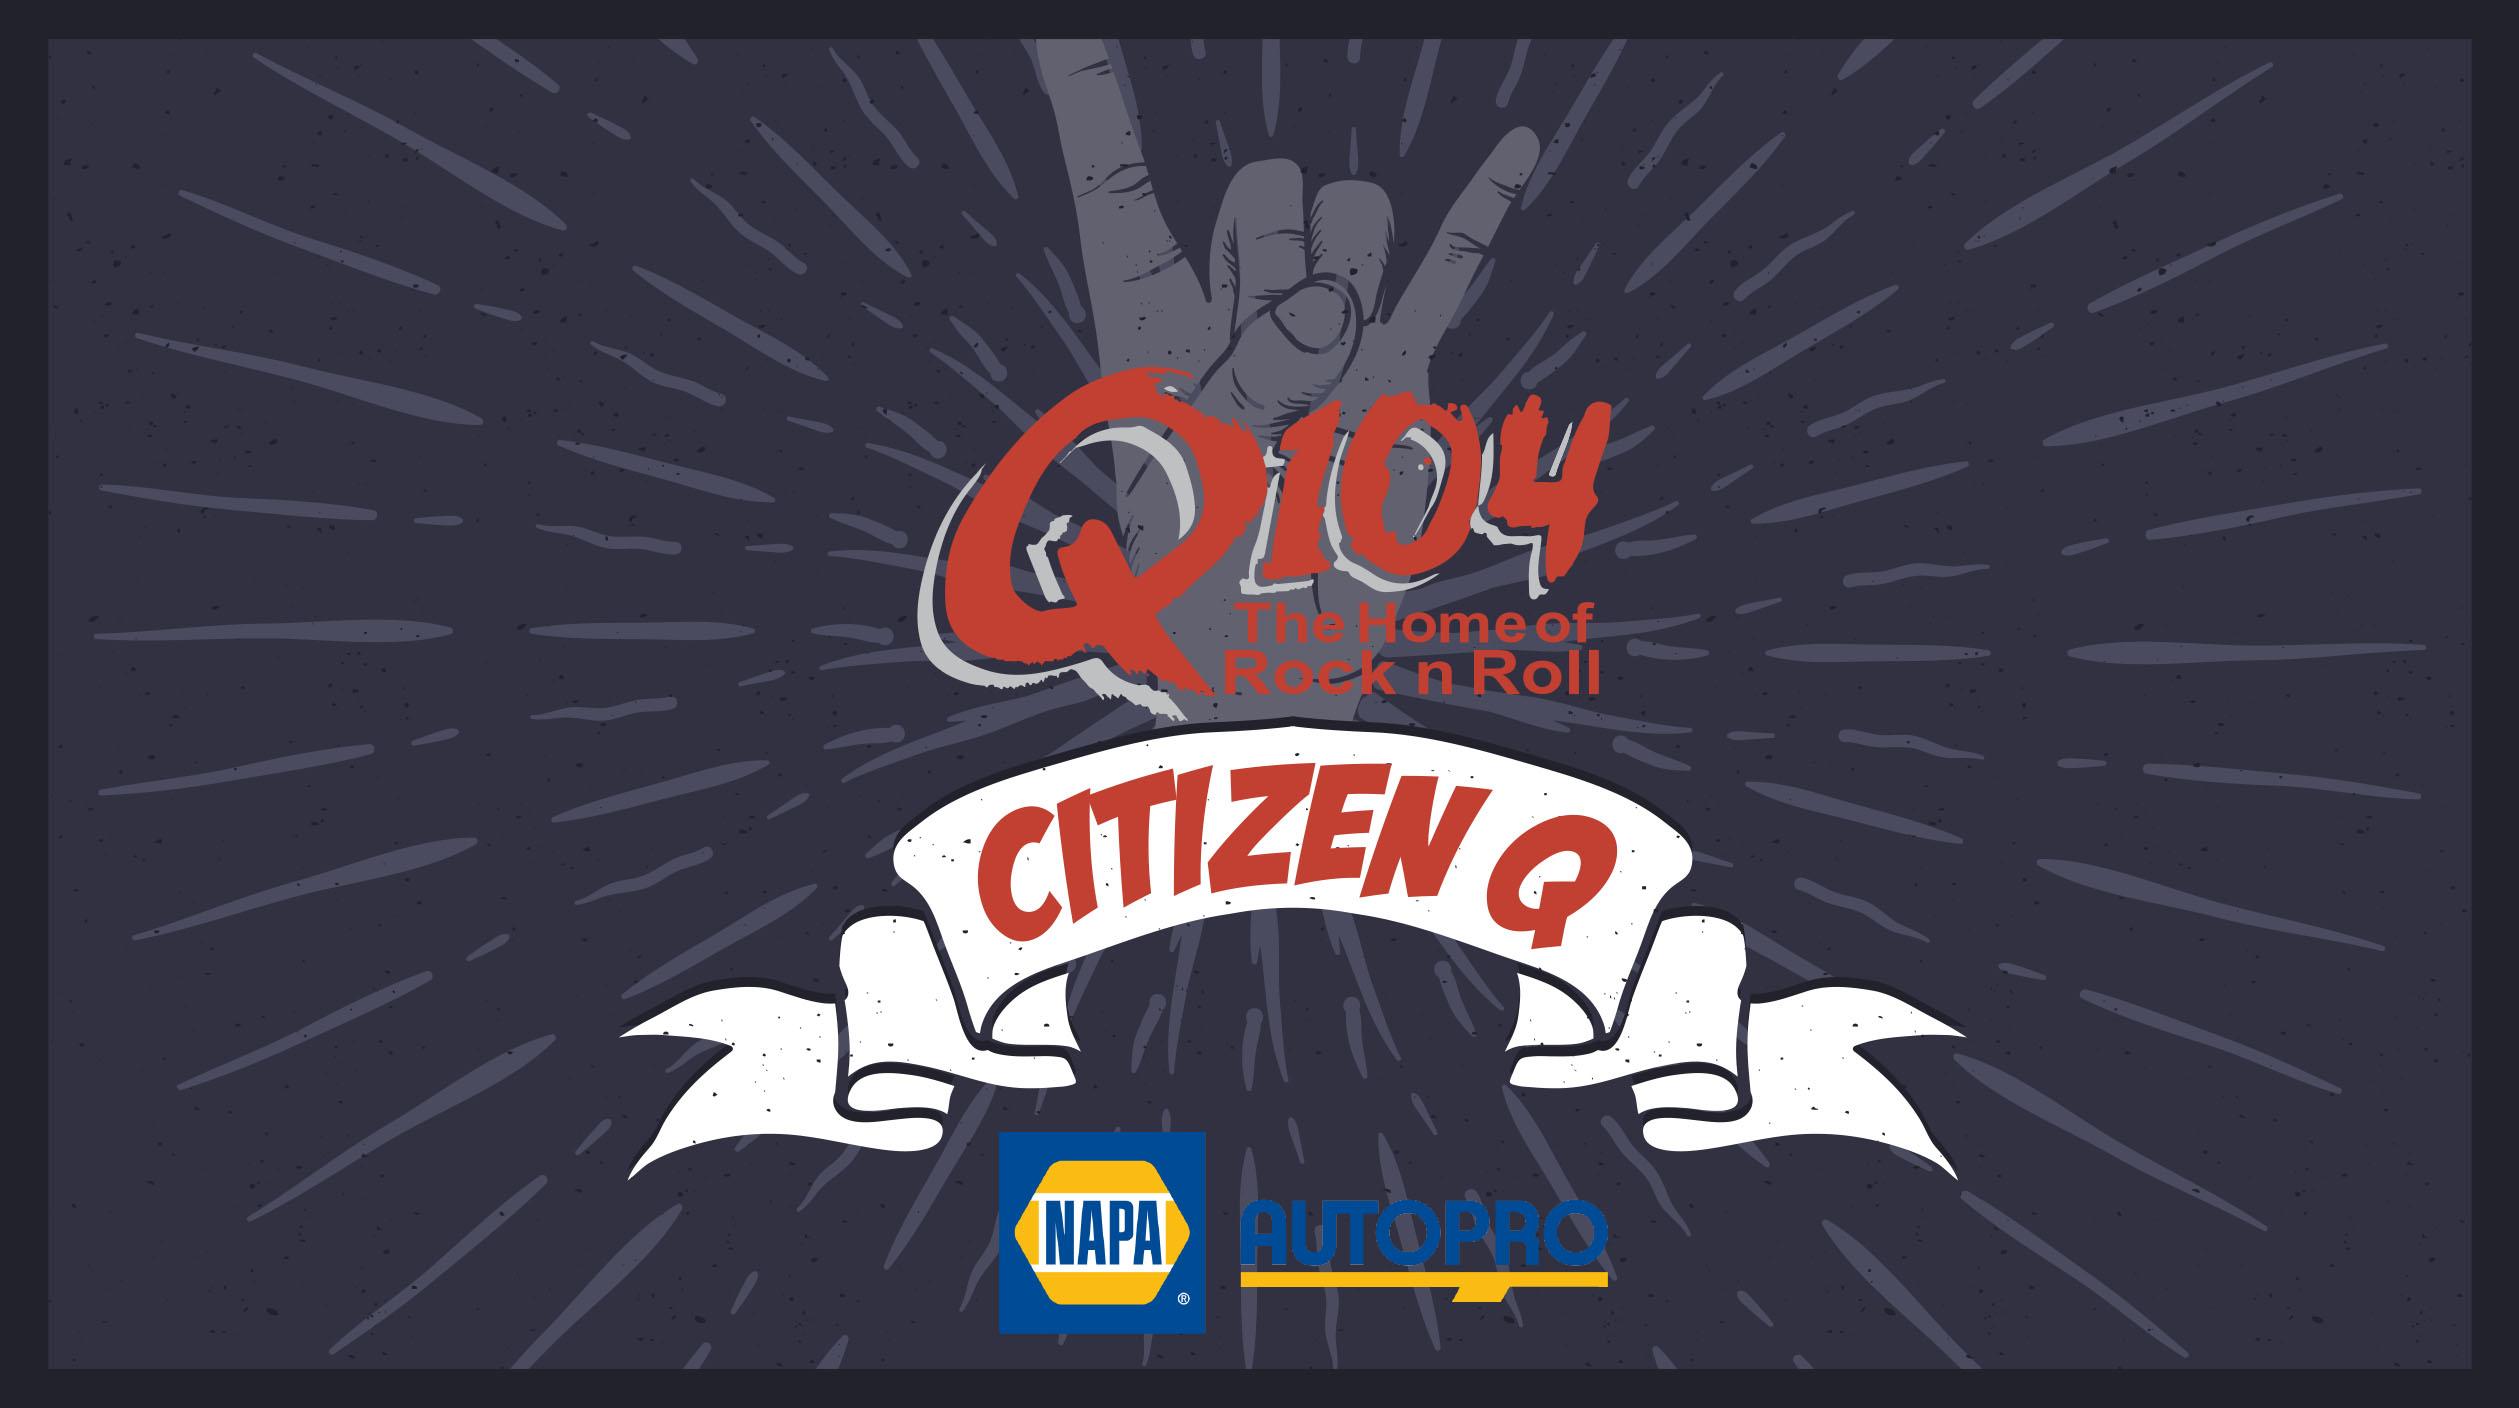 Feature: http://www.q104.ca/citizen-q/